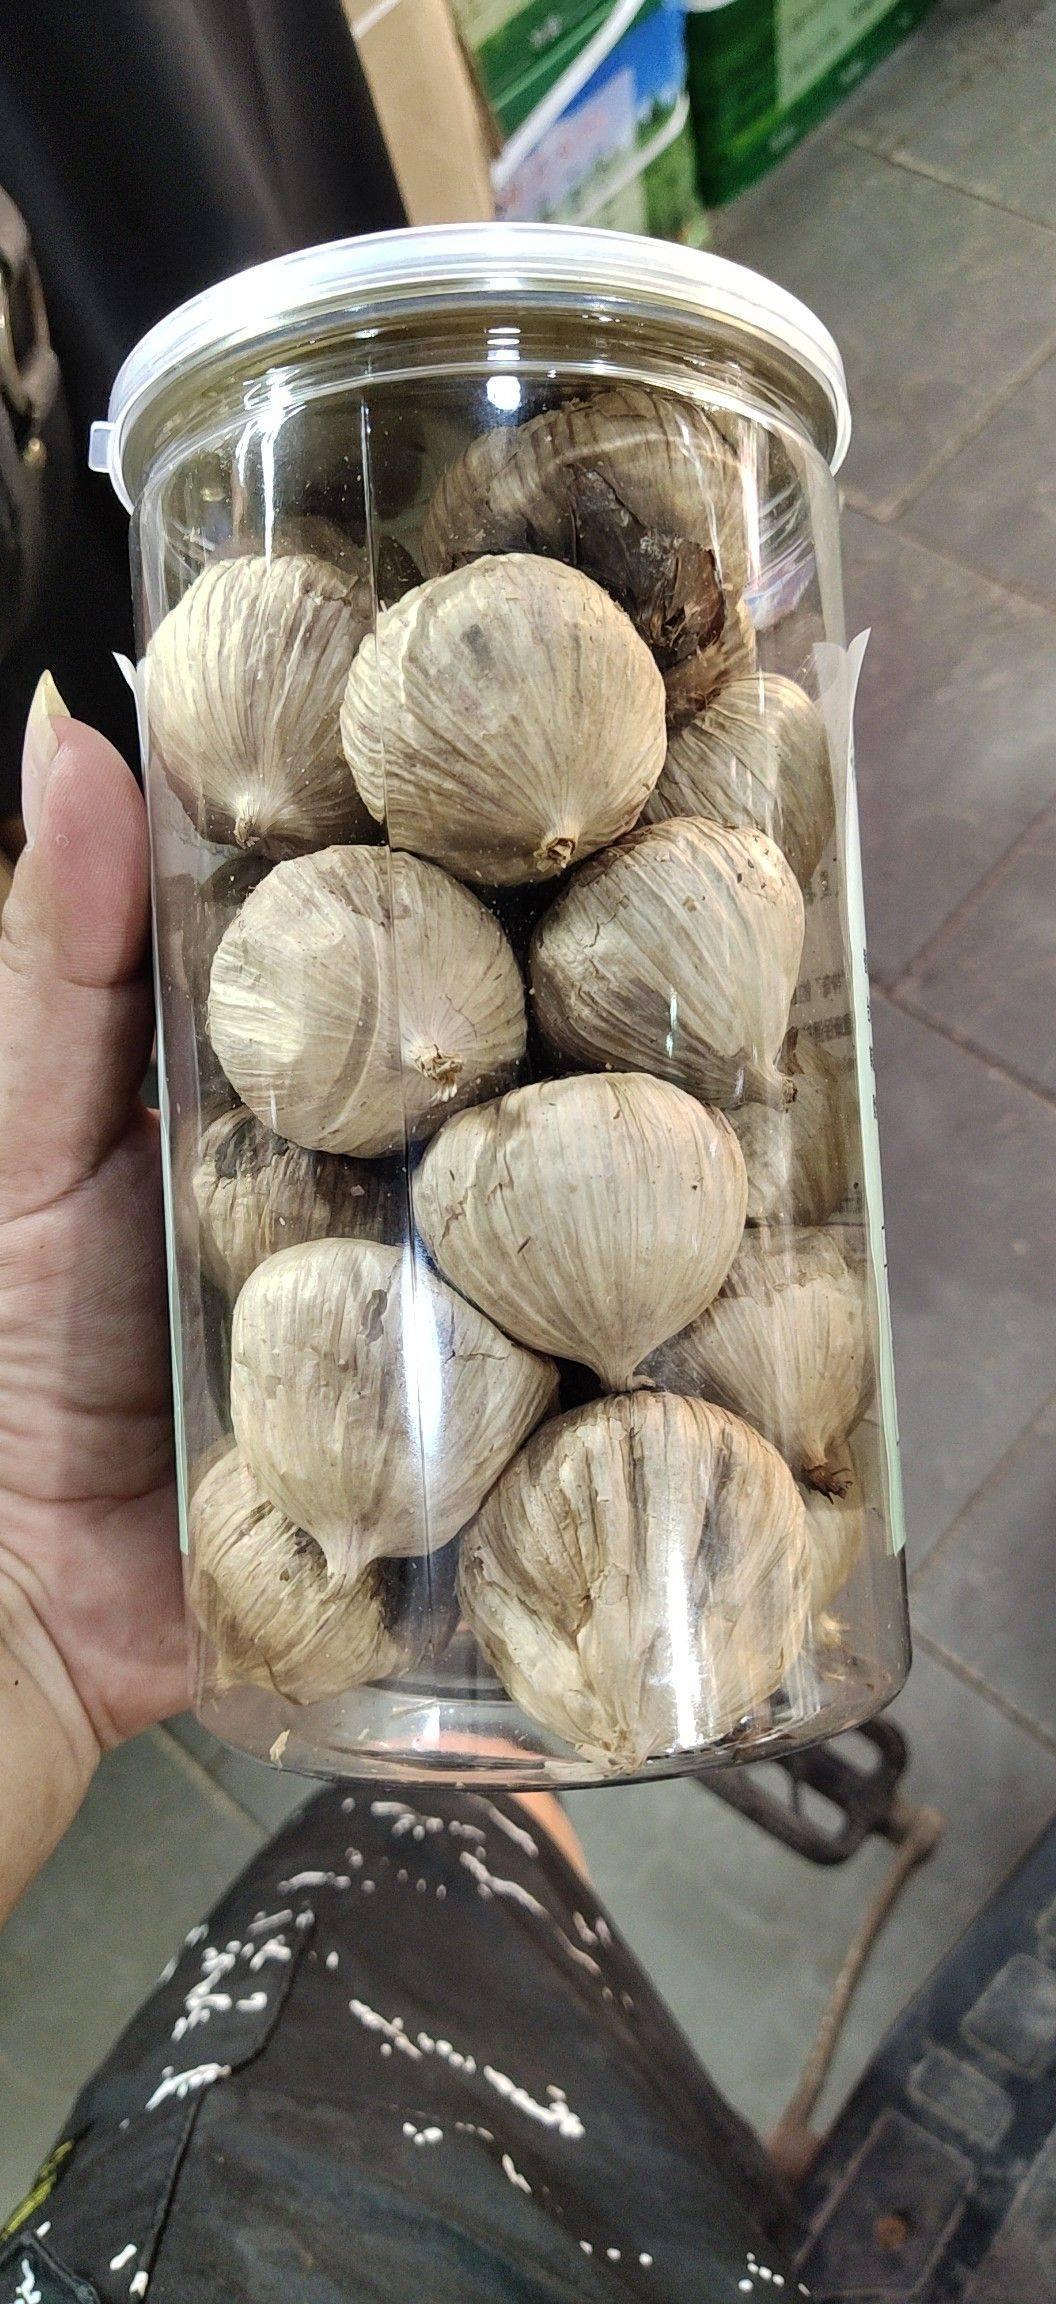 [黑蒜批发]黑蒜 5.56.0cm 独头价格24元/斤